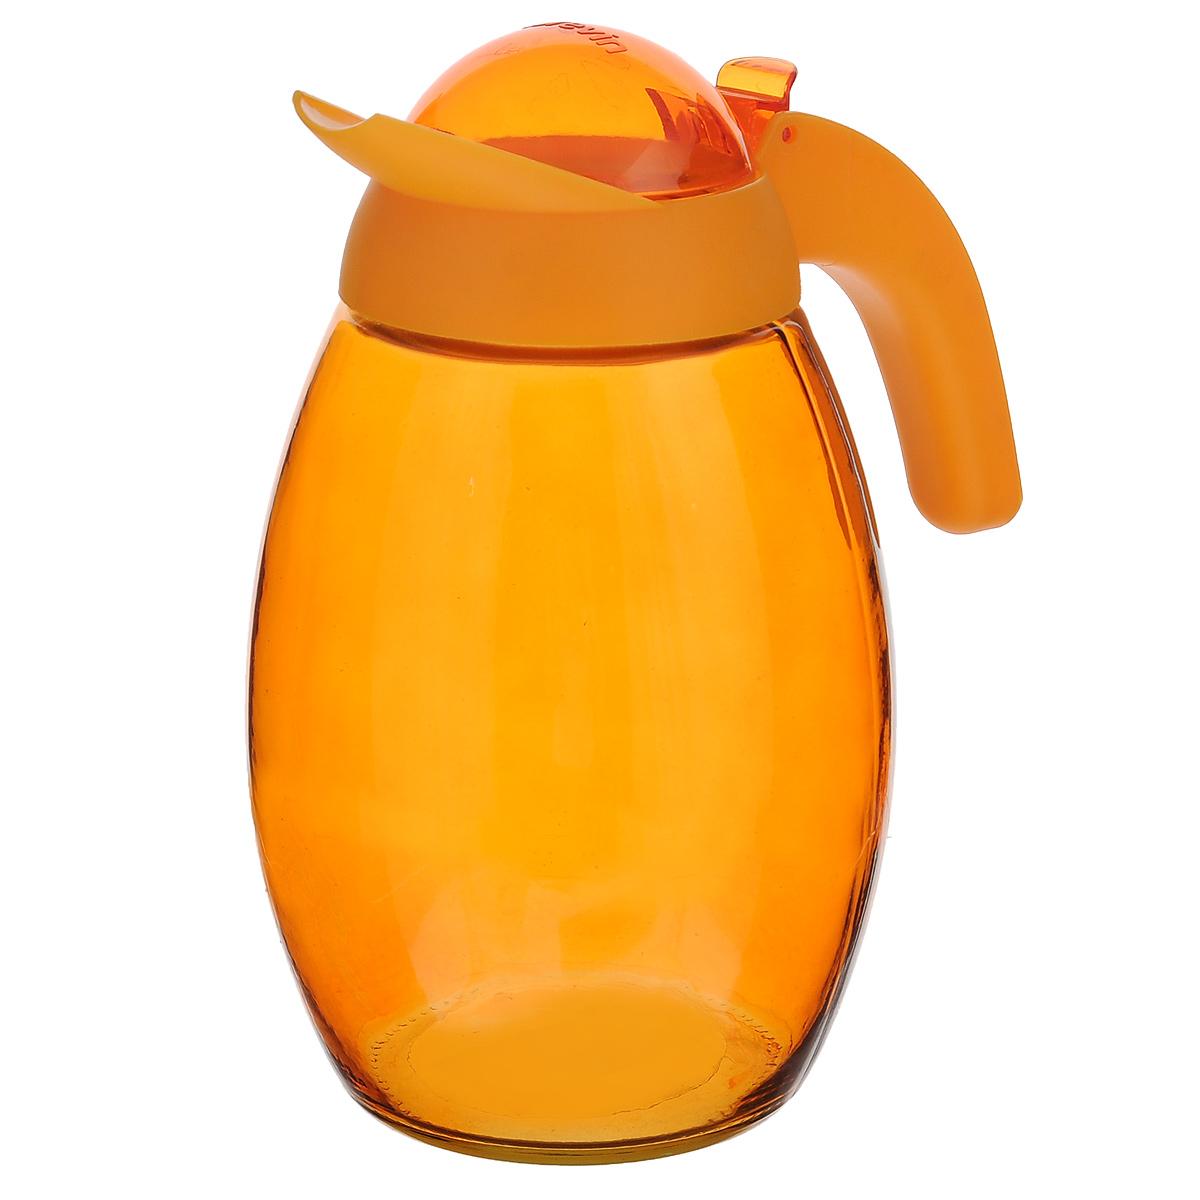 Кувшин Herevin с крышкой, цвет: оранжевый, 1,6 л. 111311111311-000Кувшин Herevin, выполненный из высококачественного прочного стекла, элегантно украсит ваш стол. Кувшин оснащен удобной ручкой и завинчивающейся пластиковой крышкой. Благодаря этому внутри сохраняется герметичность, и напитки дольше остаются свежими. Кувшин прост в использовании,достаточно просто наклонить его и налить ваш любимый напиток. Цветная крышка оснащена откидным механизмом для более удобного заливания жидкостей. Изделие прекрасно подойдет для подачи воды, сока, компота и других напитков.Кувшин Herevin дополнит интерьер вашей кухни и станет замечательным подарком к любому празднику. Диаметр (по верхнему краю): 6 см. Высота кувшина (без учета крышки): 18,5 см.